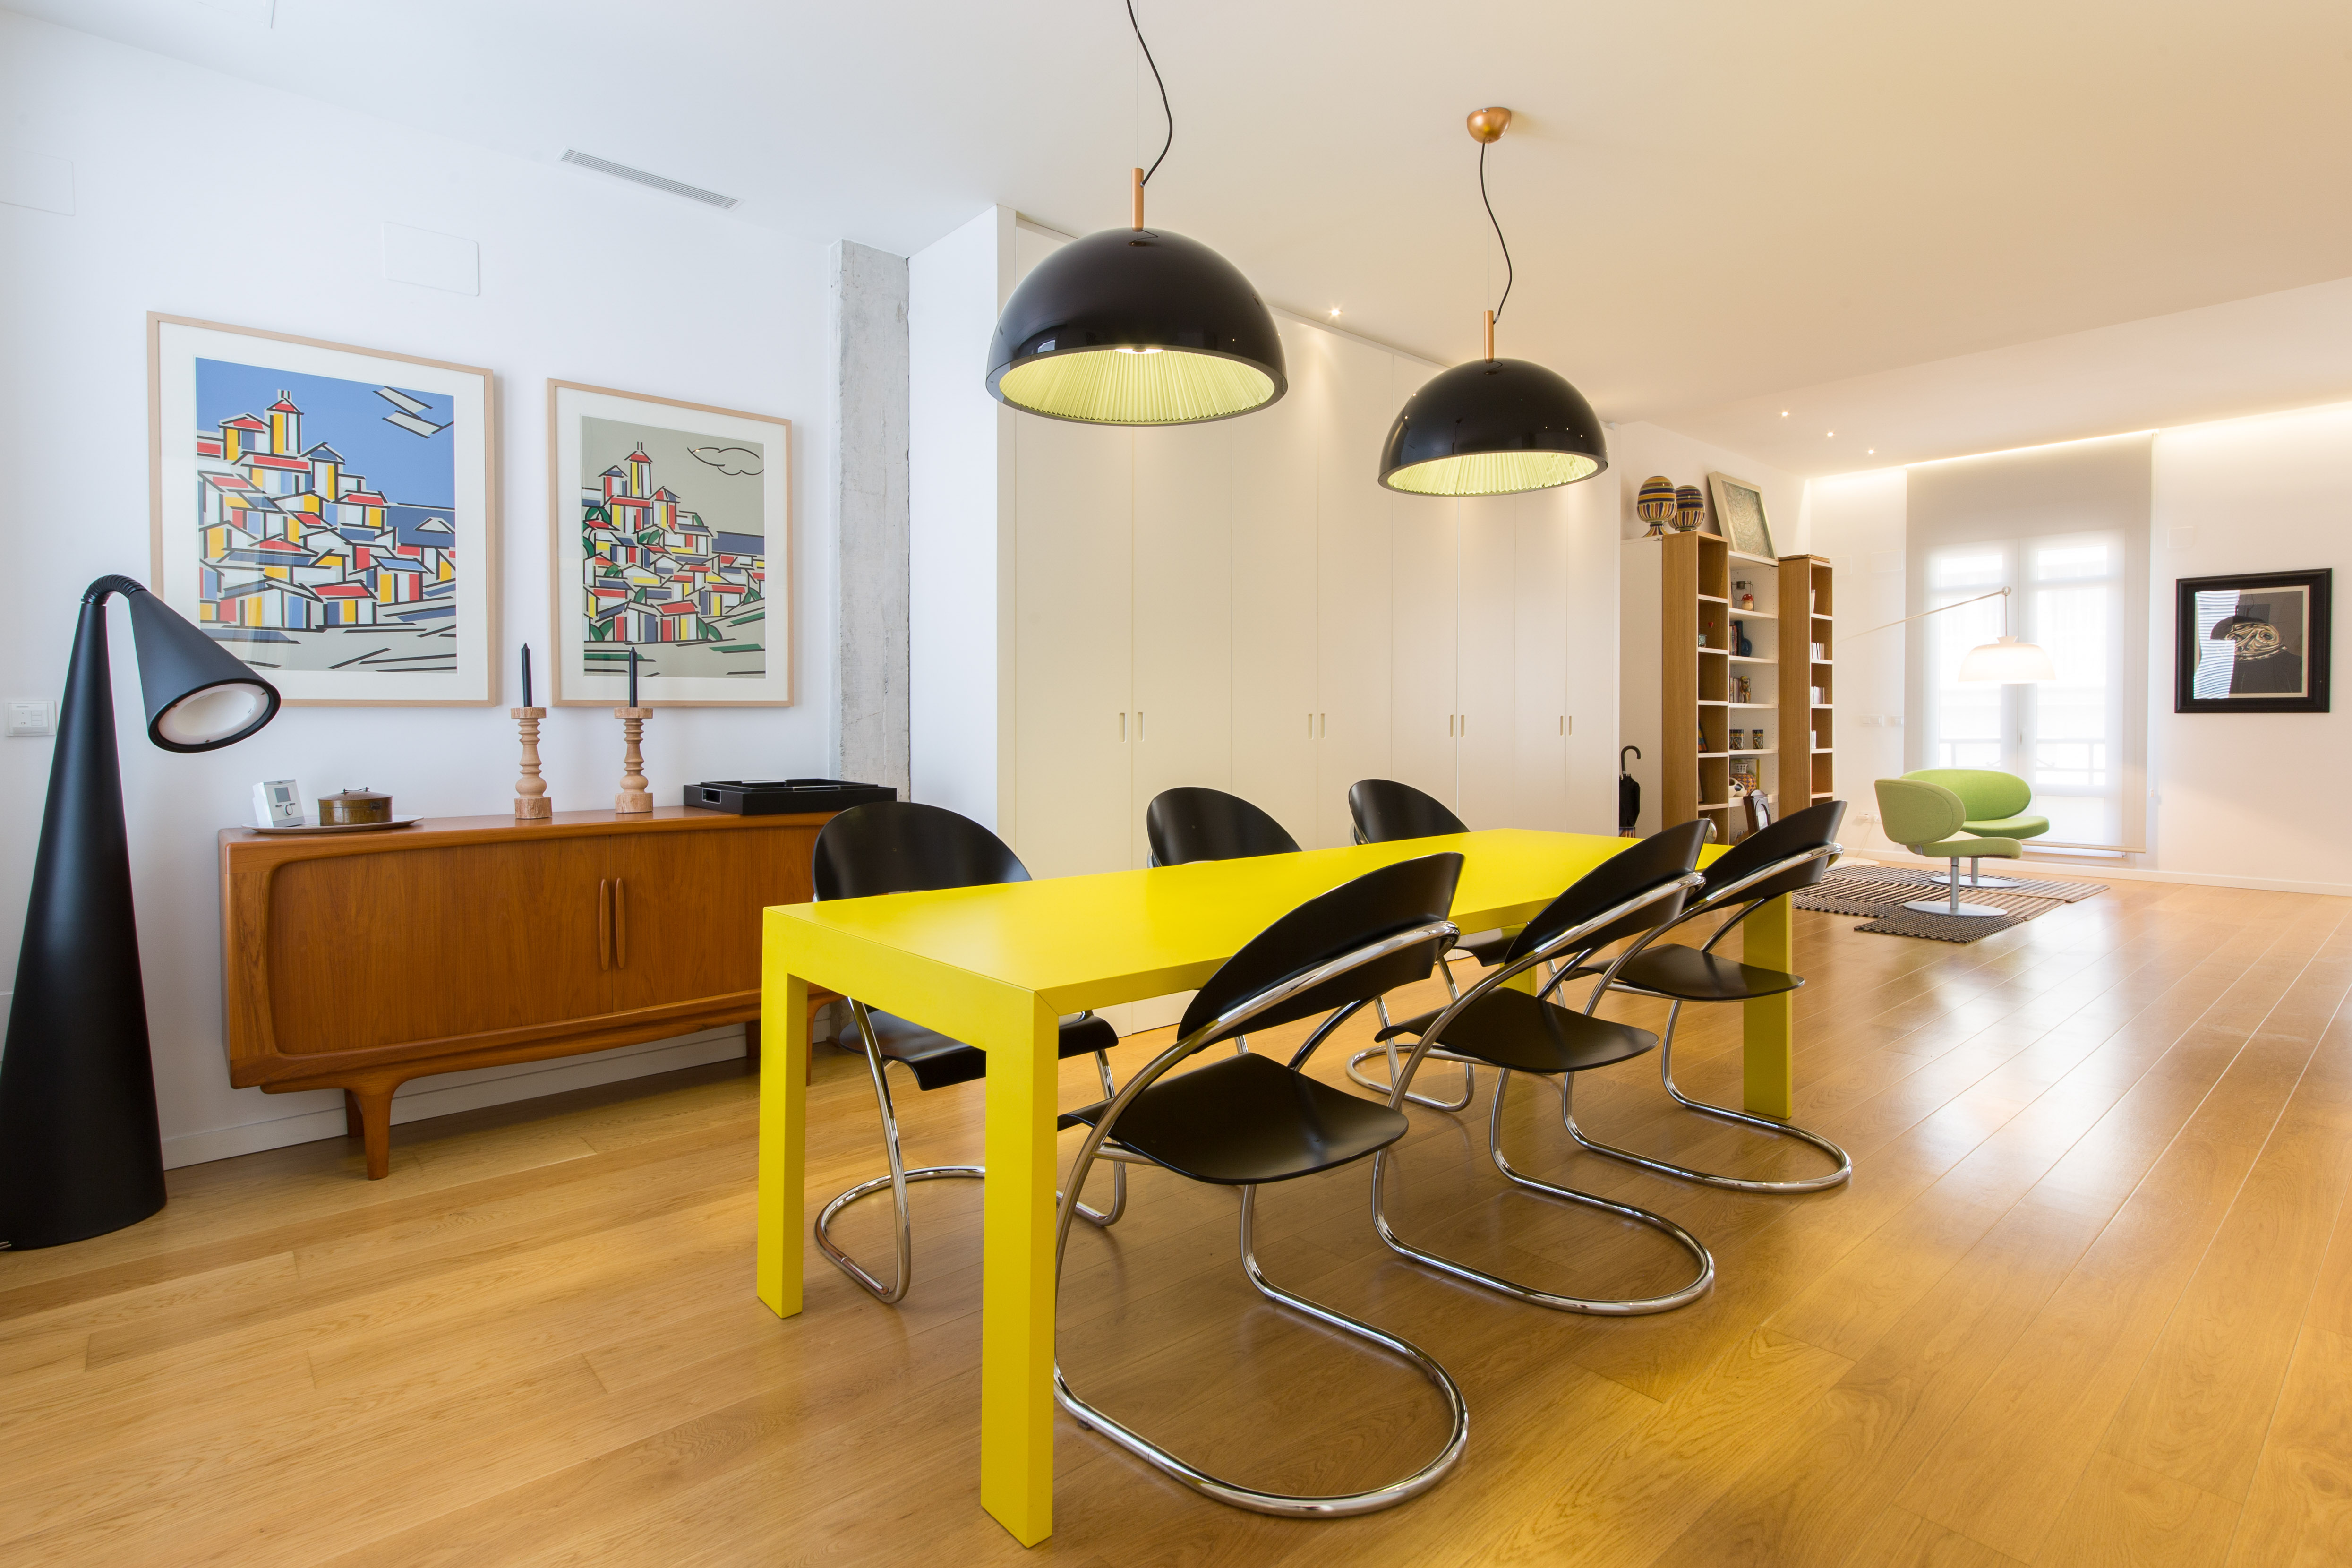 Servicio de Fotografía Inmobiliaria